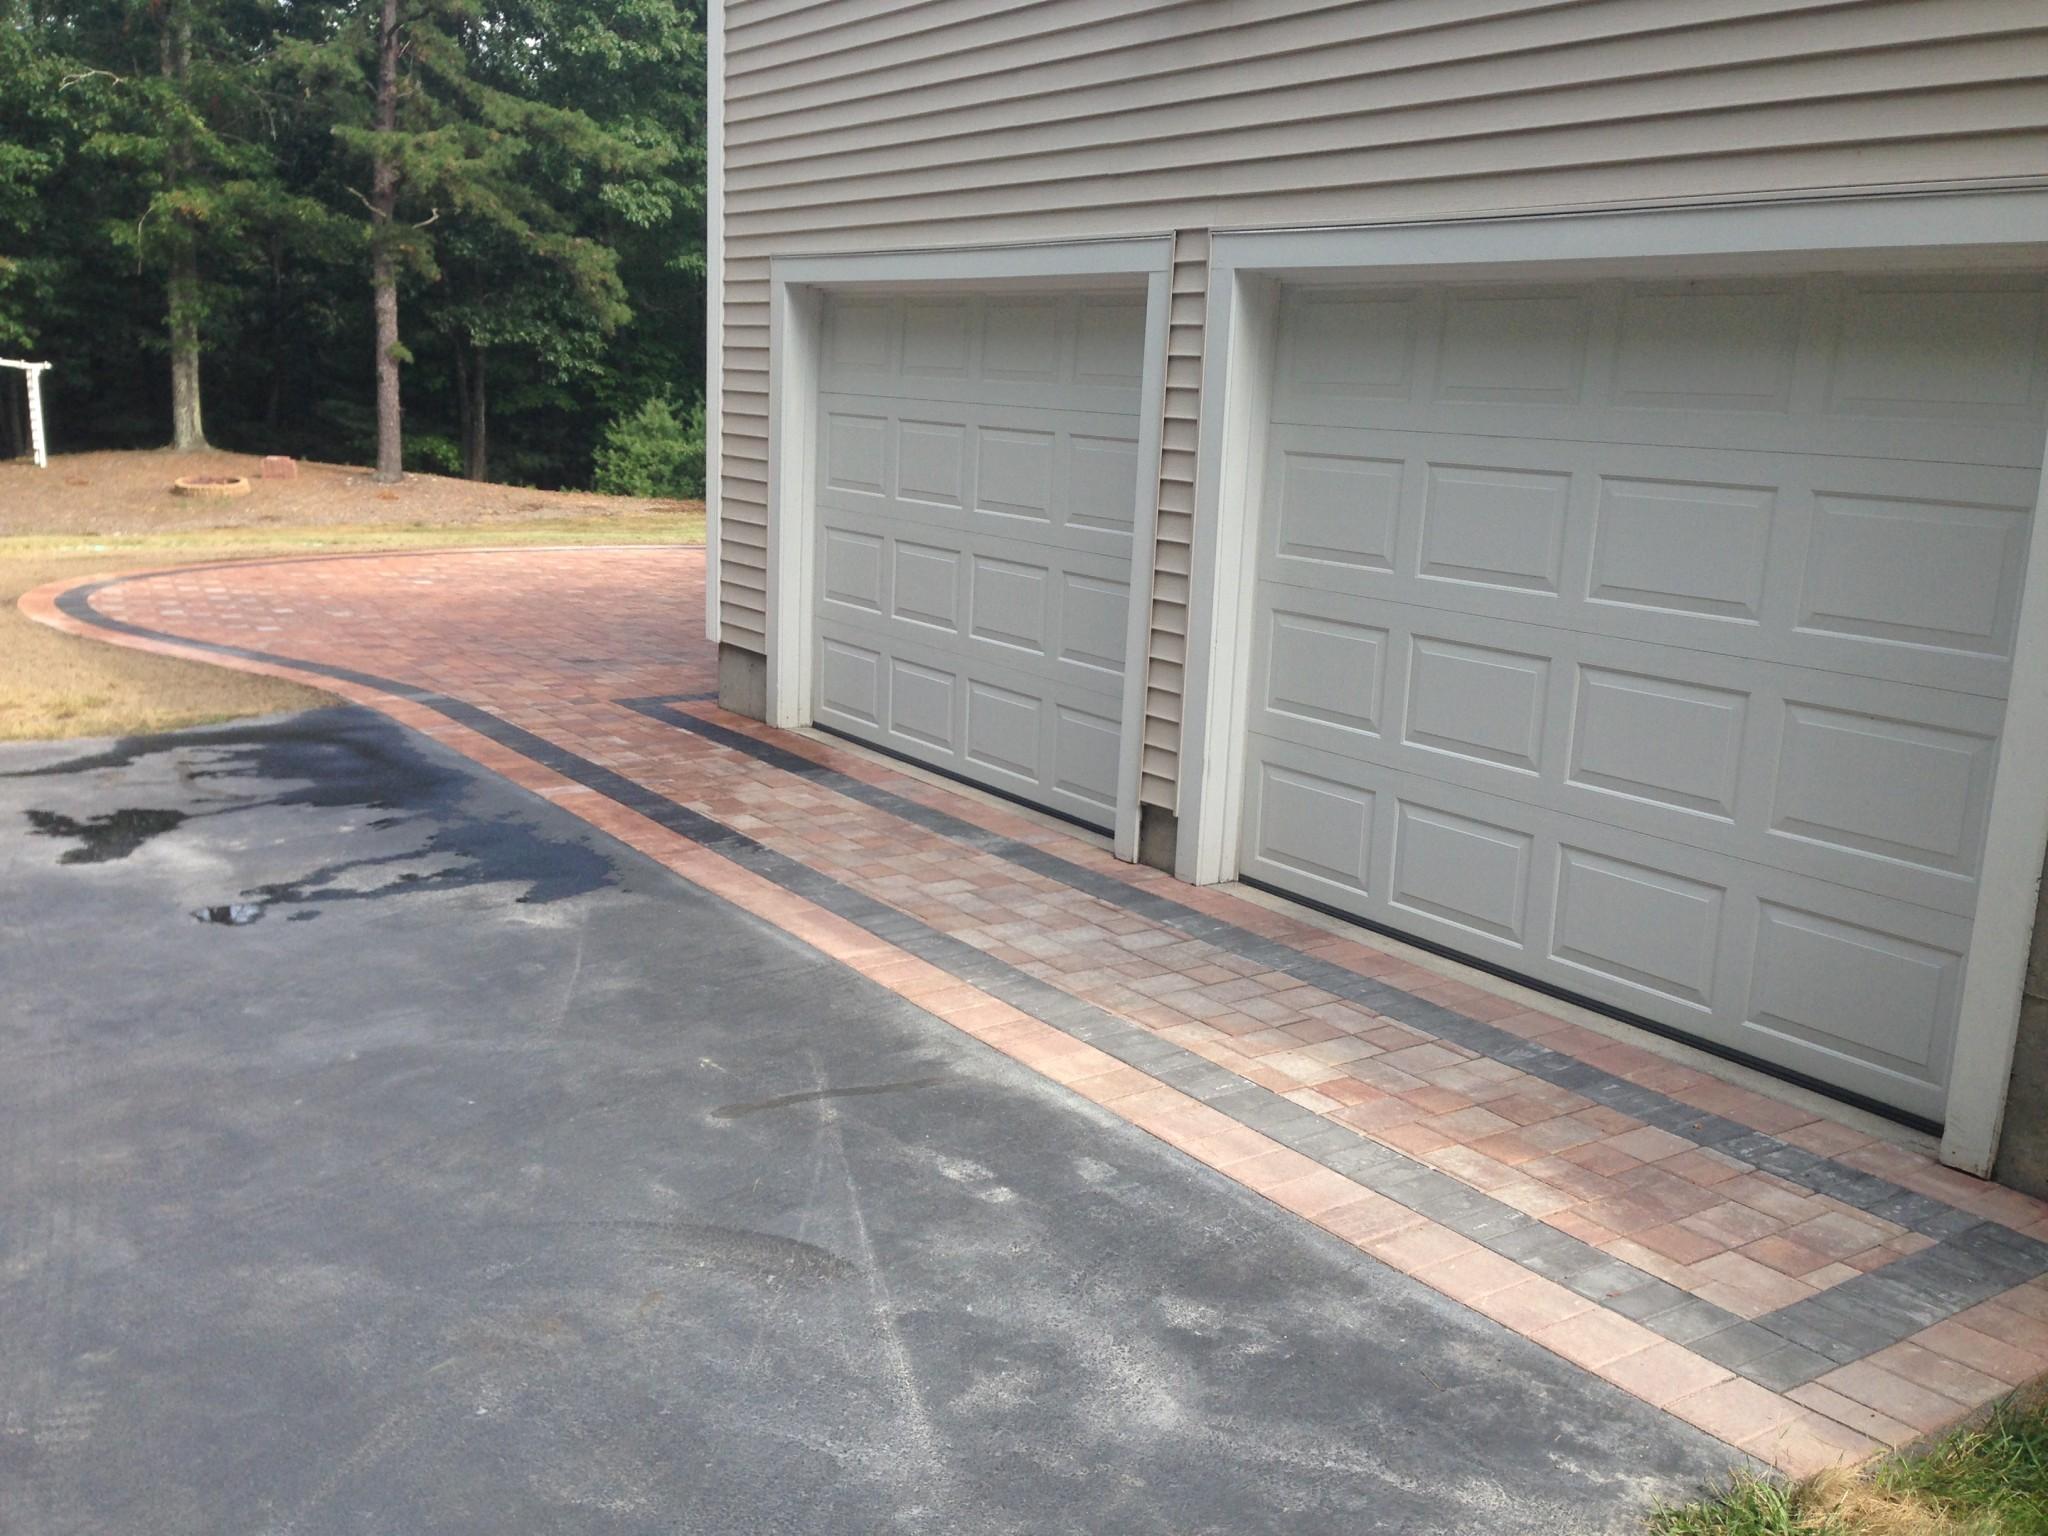 driveway-aprons_33045123445_o